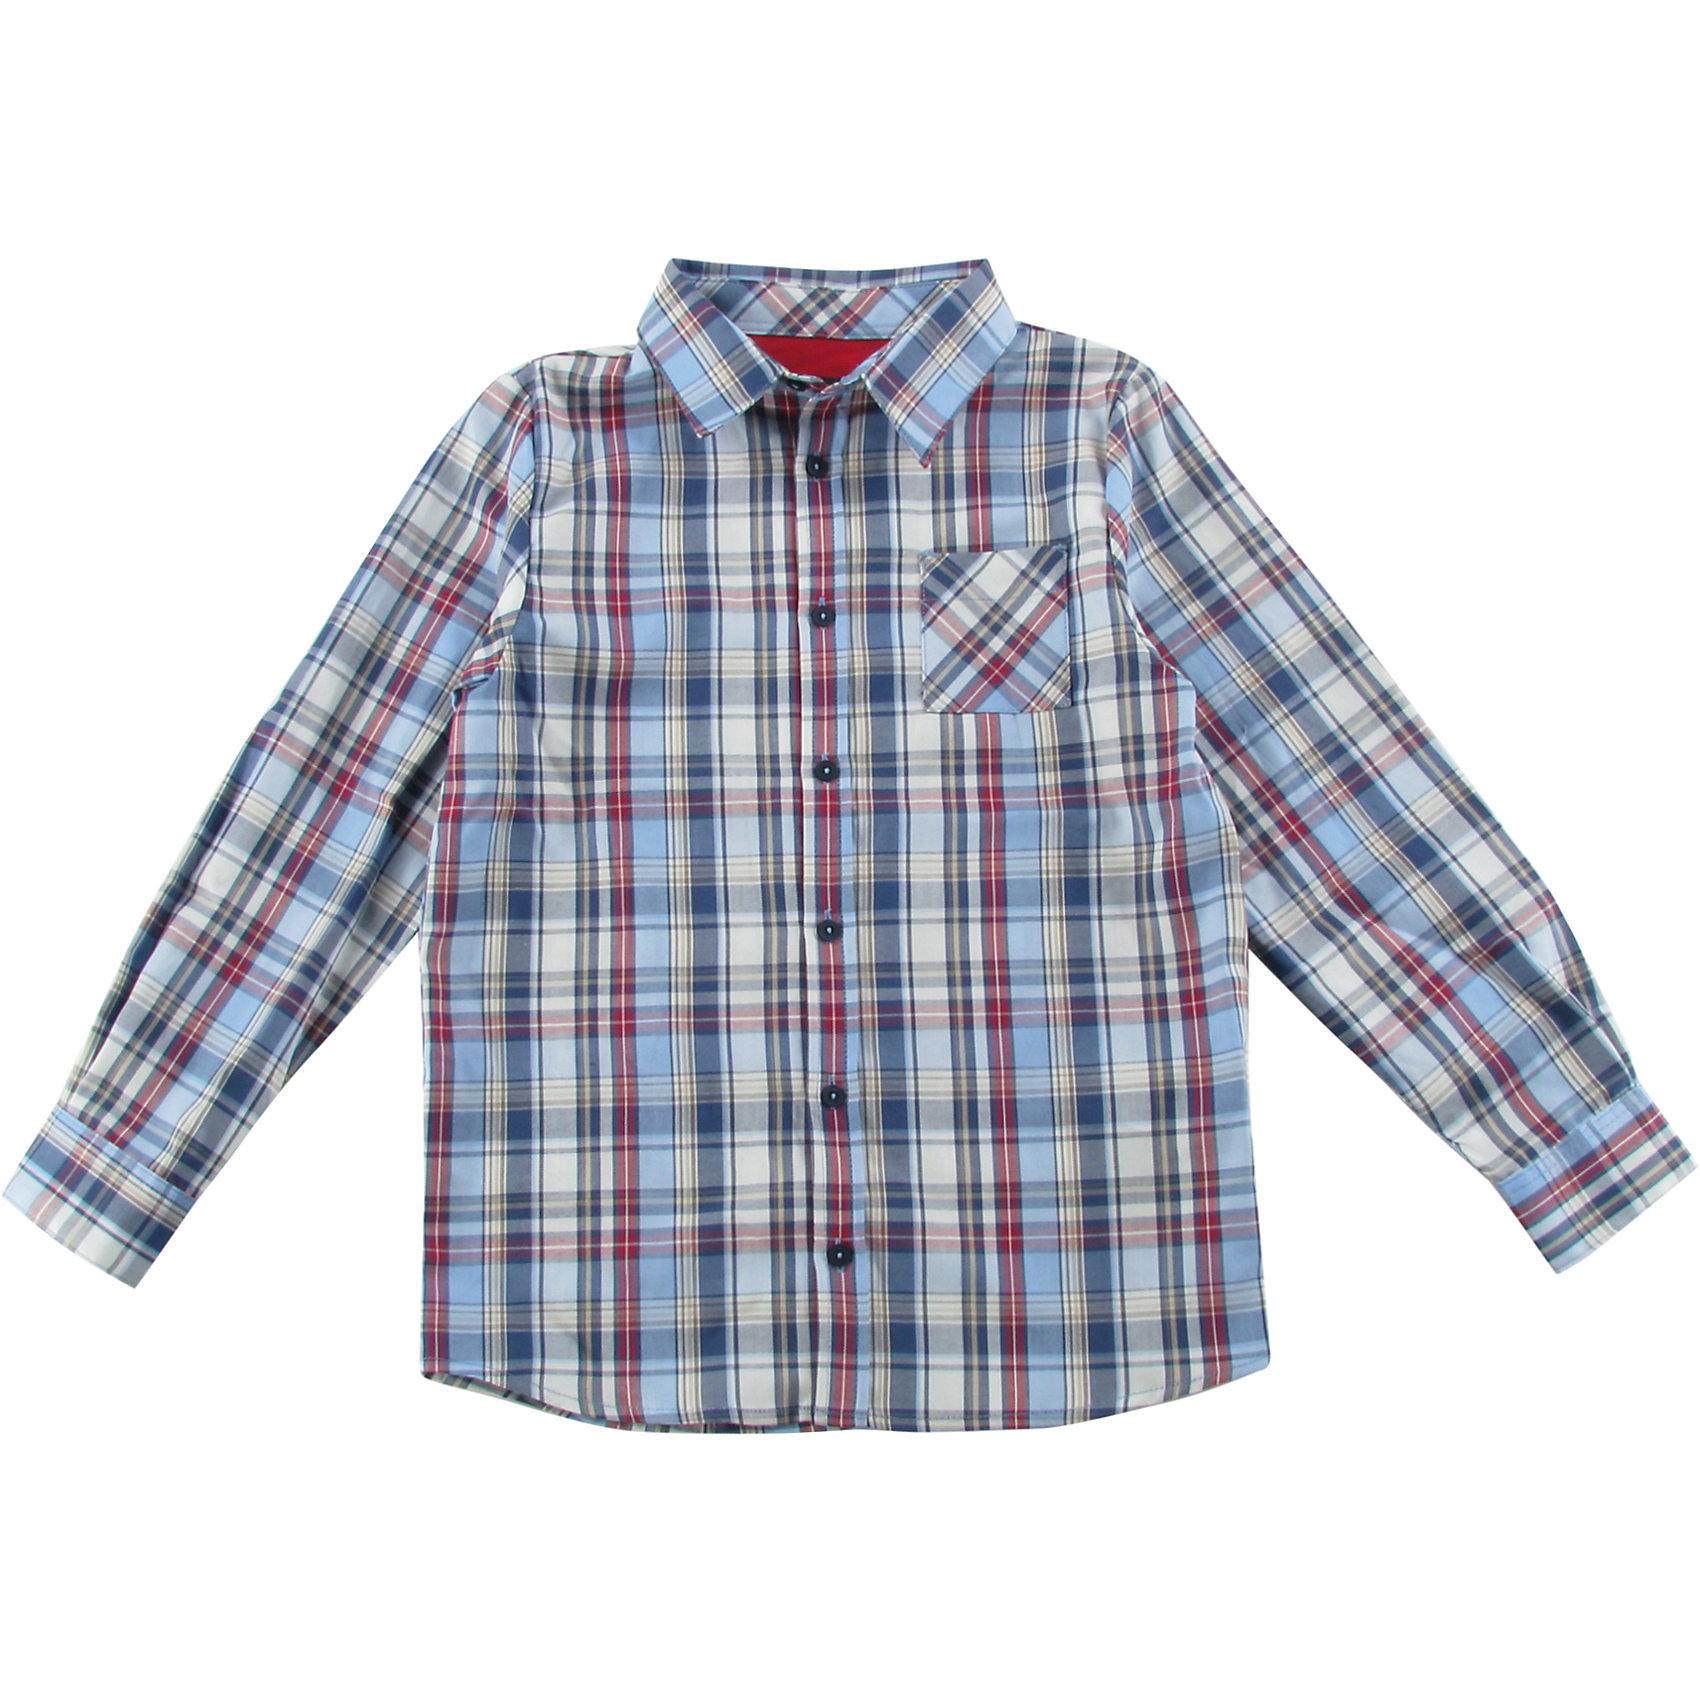 Рубашка для мальчика WojcikБлузки и рубашки<br>Характеристики товара:<br><br>• цвет: белый<br>• состав ткани: 100% хлопок<br>• сезон: демисезон<br>• застежка: пуговицы<br>• длинные рукава<br>• страна бренда: Польша<br>• страна изготовитель: Польша<br><br>Такая клетчатая рубашка с длинным рукавом для мальчика Войчик легко надевается благодаря пуговицам. Хлопковая рубашка для детей сделана из легкого дышащего материала. Бренд Wojcik - это польская детская одежда отличного качества по доступной цене. <br><br>Рубашку для мальчика Wojcik (Войчик) можно купить в нашем интернет-магазине.<br><br>Ширина мм: 174<br>Глубина мм: 10<br>Высота мм: 169<br>Вес г: 157<br>Цвет: белый<br>Возраст от месяцев: 84<br>Возраст до месяцев: 96<br>Пол: Мужской<br>Возраст: Детский<br>Размер: 128,152,146,140,134<br>SKU: 5592260